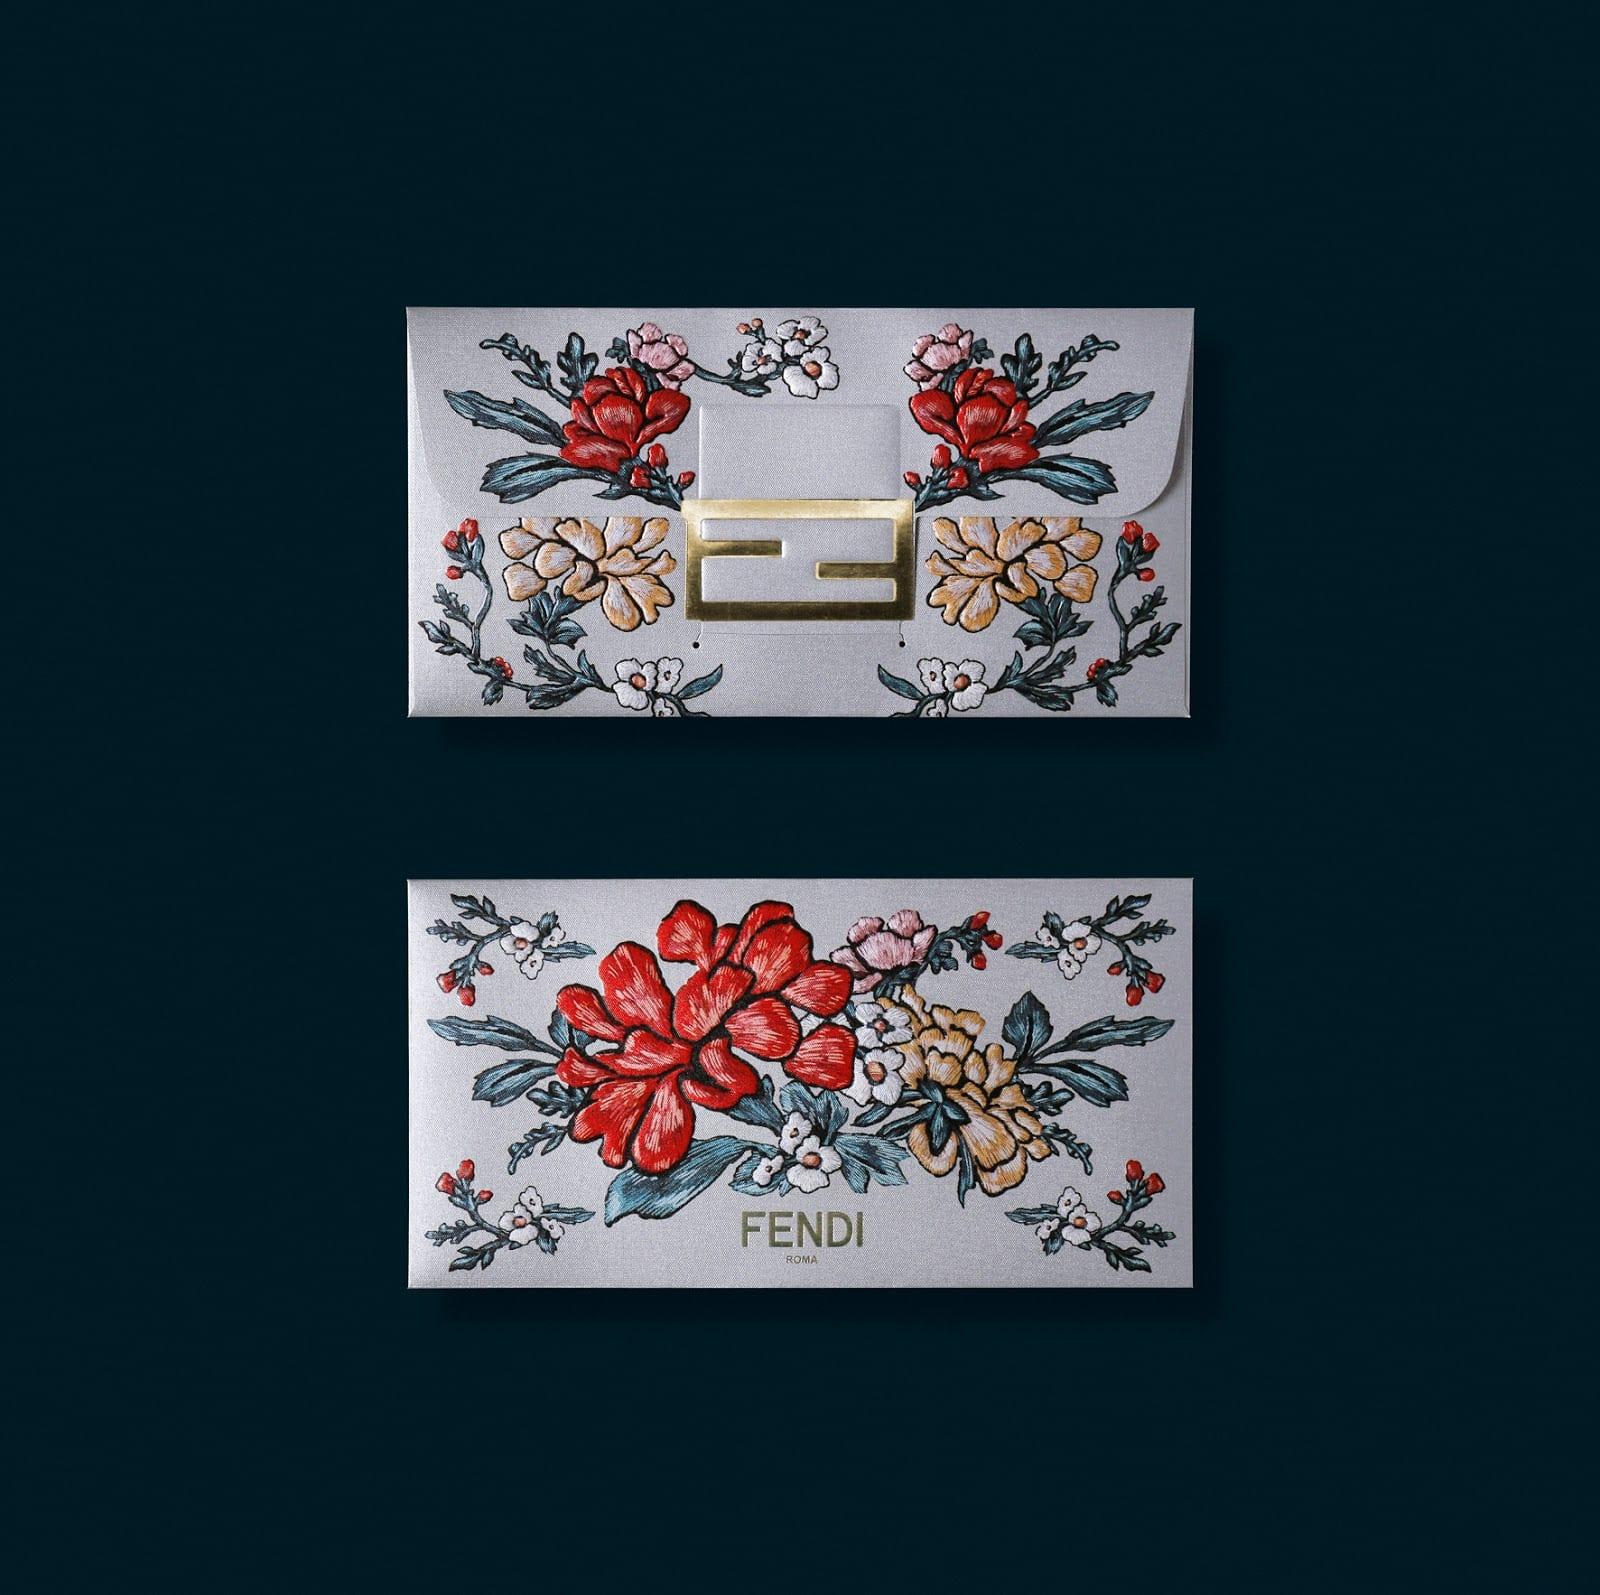 fendi cny redpocket 03 - Fendi Red Packet 2019